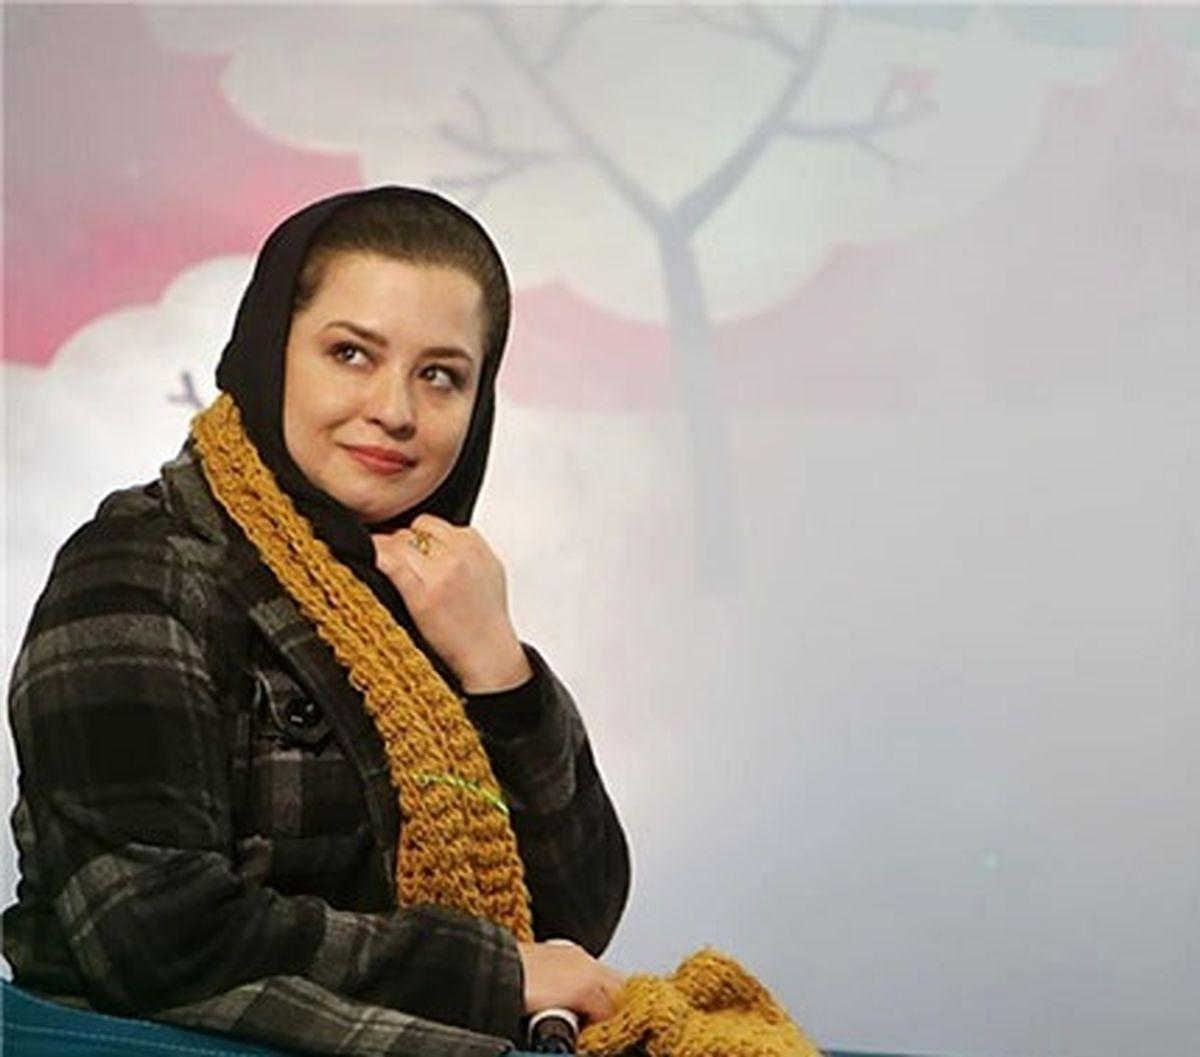 مهراوه شریفی نیا ازدواج کرد؟ + عکس دیده نشده